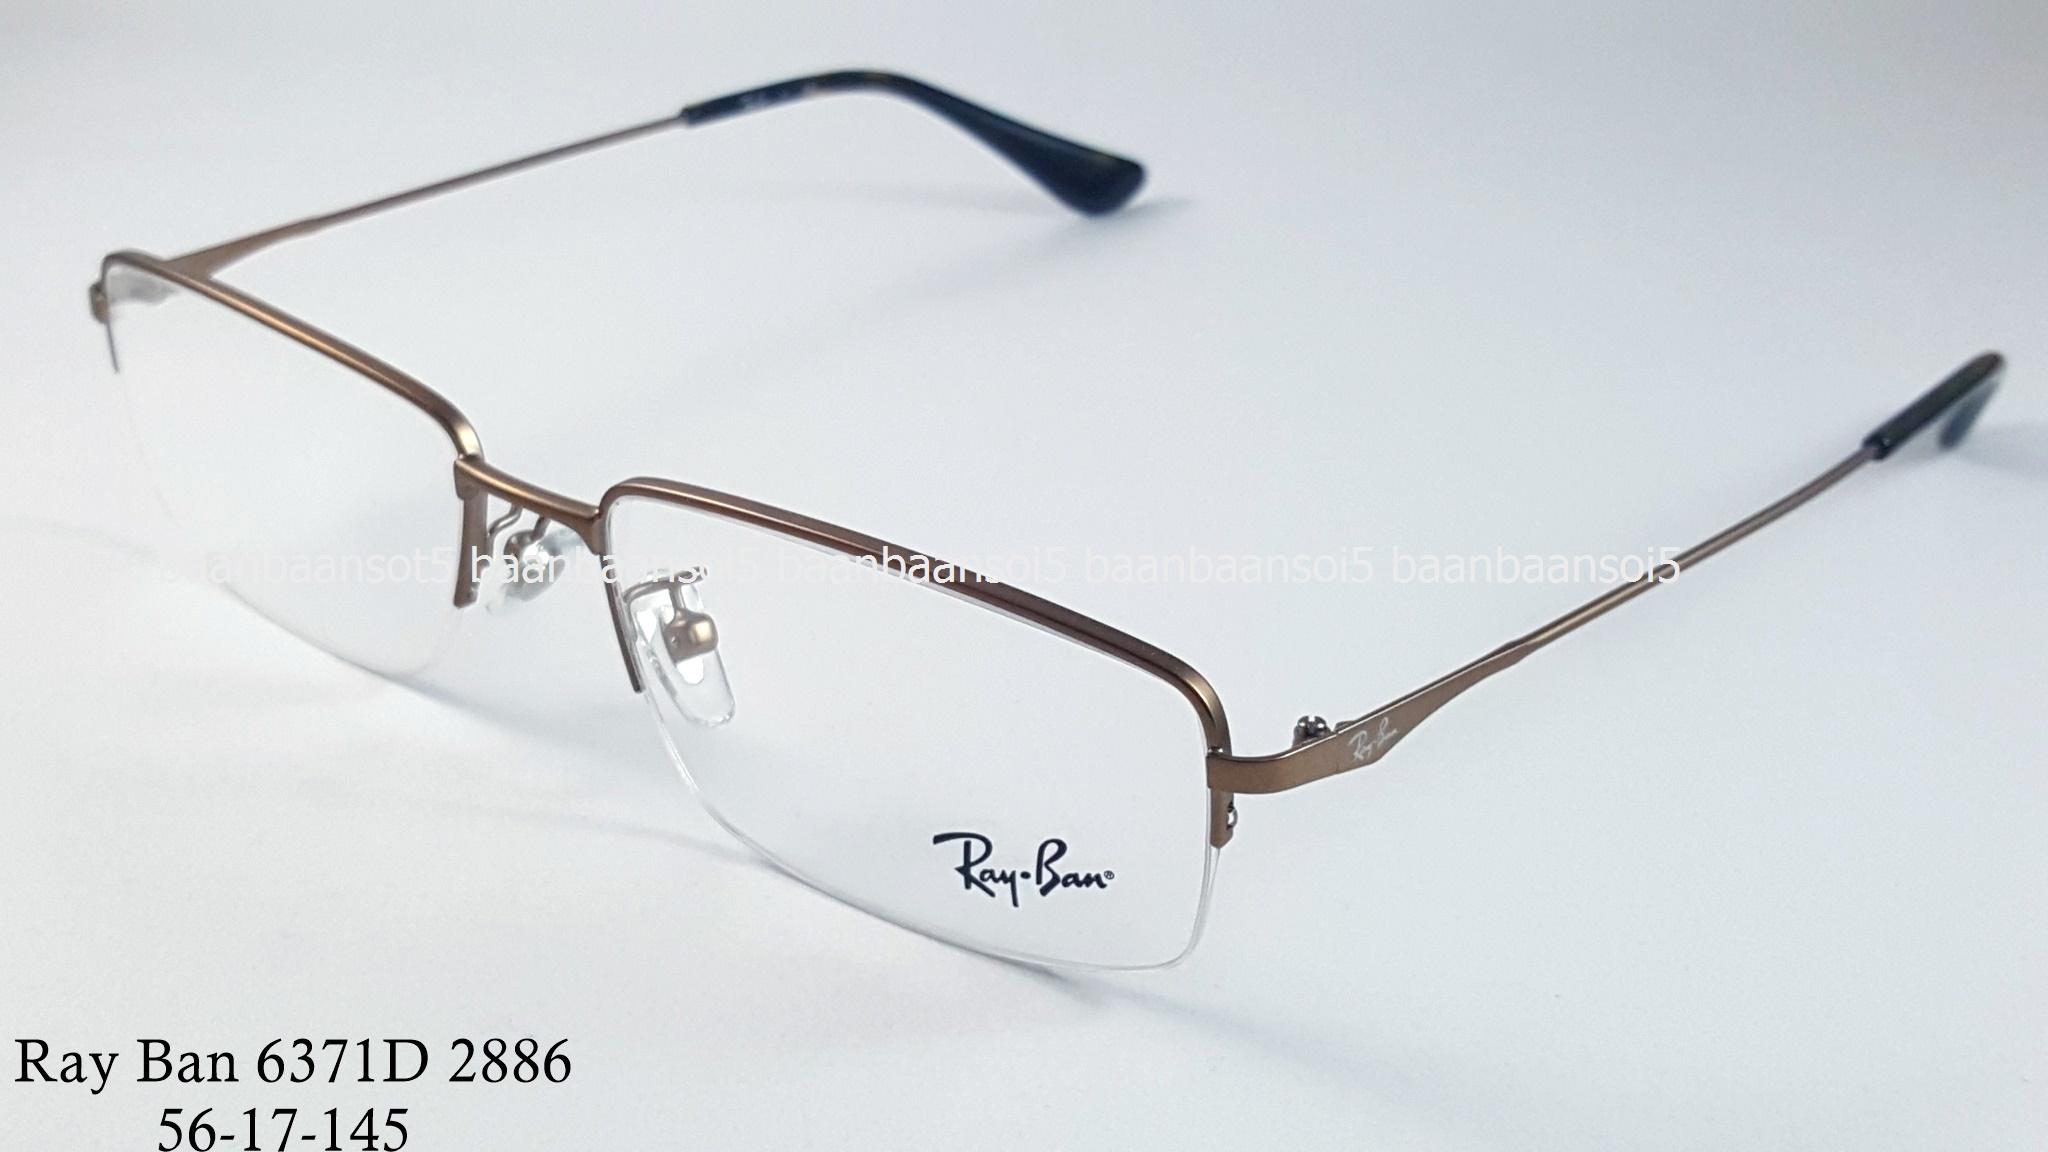 Rayban RX 6371D 2886 โปรโมชั่น กรอบแว่นตาพร้อมเลนส์ HOYA ราคา 3,400 บาท